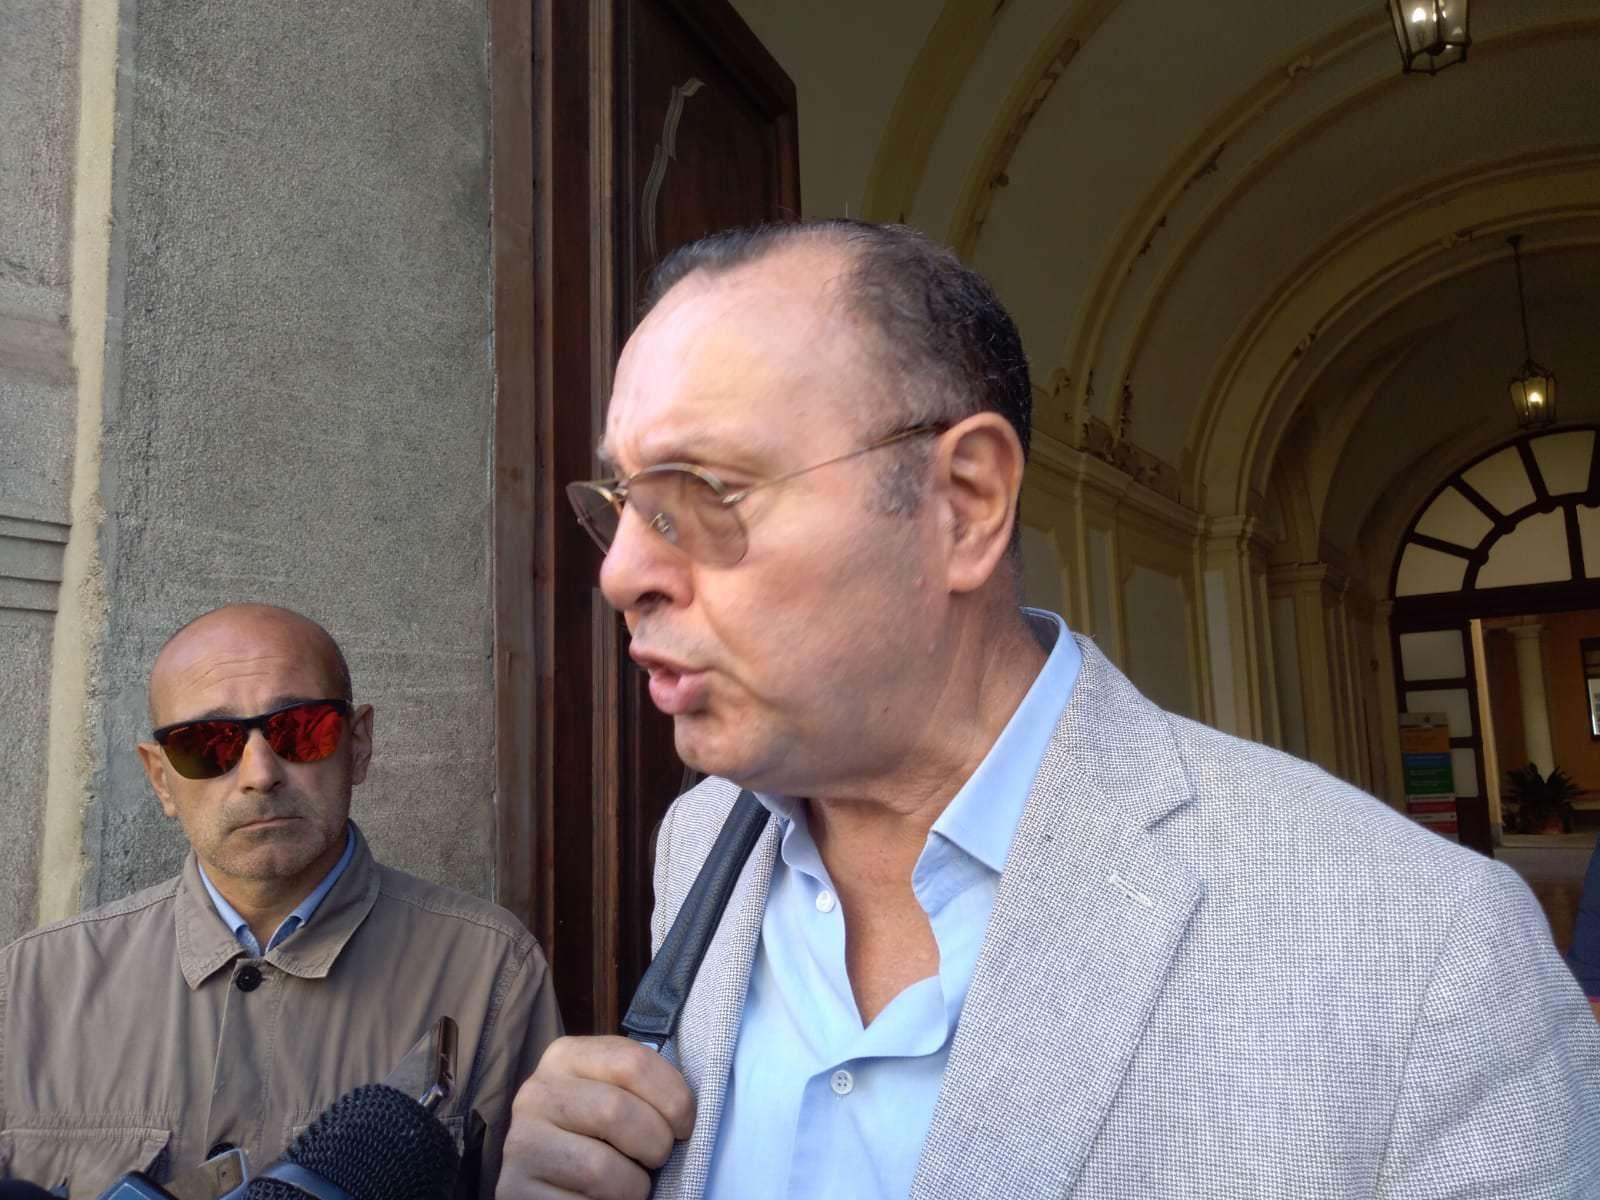 Sanità, Speranza non c'è: dimissioni di Cotticelli in stand-by